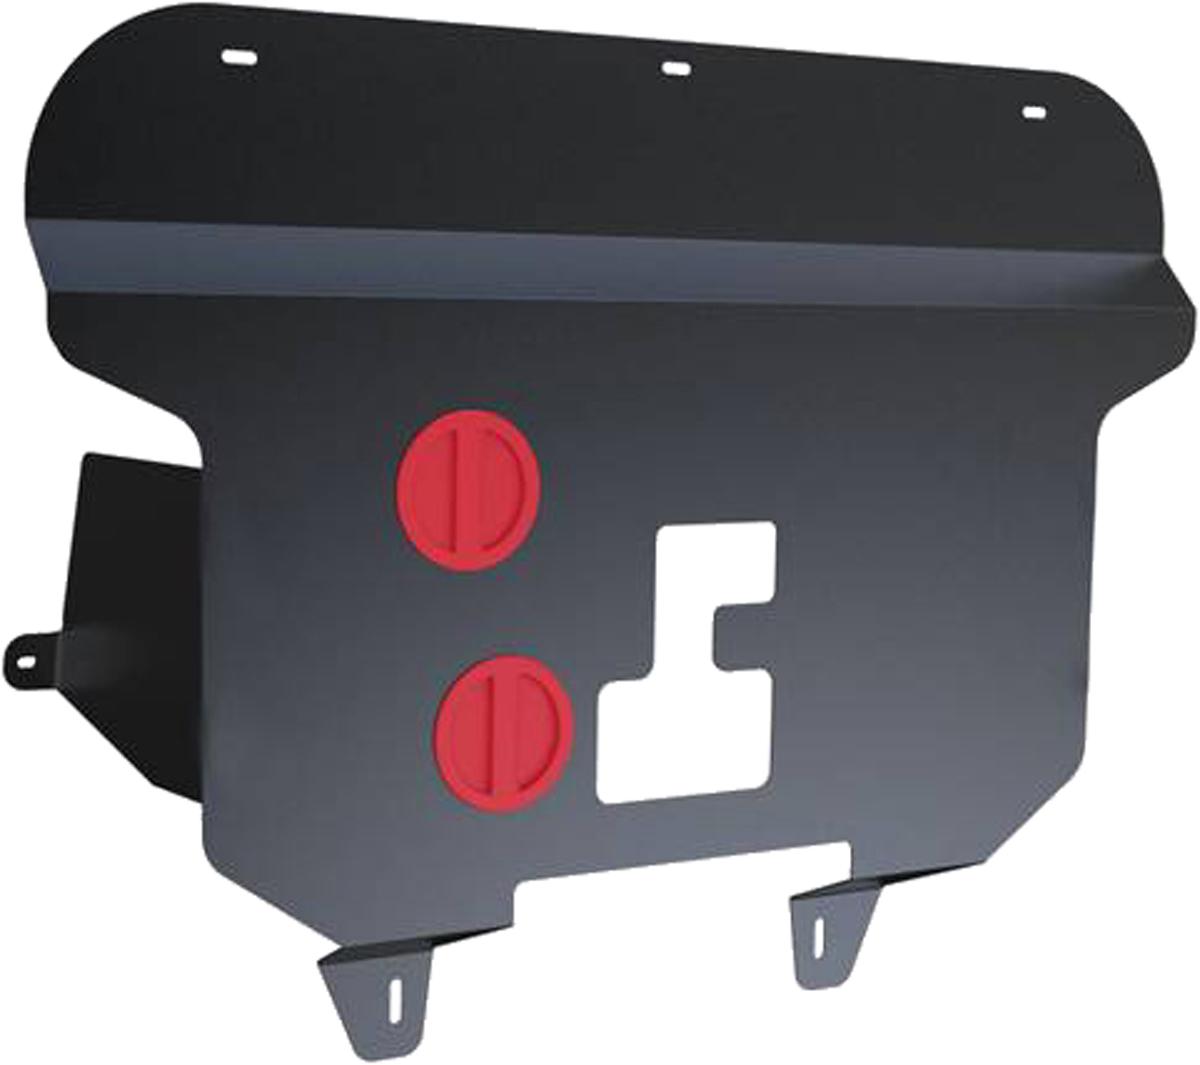 Защита картера и КПП Автоброня Fiat Doblo 2006-2015, сталь 2111.01702.2Защита картера и КПП Автоброня Fiat Doblo 2006-2015, V - 1.4, сталь 2 мм, 111.01702.2Стальные защиты Автоброня надежно защищают ваш автомобиль от повреждений при наезде на бордюры, выступающие канализационные люки, кромки поврежденного асфальта или при ремонте дорог, не говоря уже о загородных дорогах.- Имеют оптимальное соотношение цена-качество.- Спроектированы с учетом особенностей автомобиля, что делает установку удобной.- Защита устанавливается в штатные места кузова автомобиля.- Является надежной защитой для важных элементов на протяжении долгих лет.- Глубокий штамп дополнительно усиливает конструкцию защиты.- Подштамповка в местах крепления защищает крепеж от срезания.- Технологические отверстия там, где они необходимы для смены масла и слива воды, оборудованные заглушками, закрепленными на защите.Толщина стали 2 мм.В комплекте крепеж и инструкция по установке.